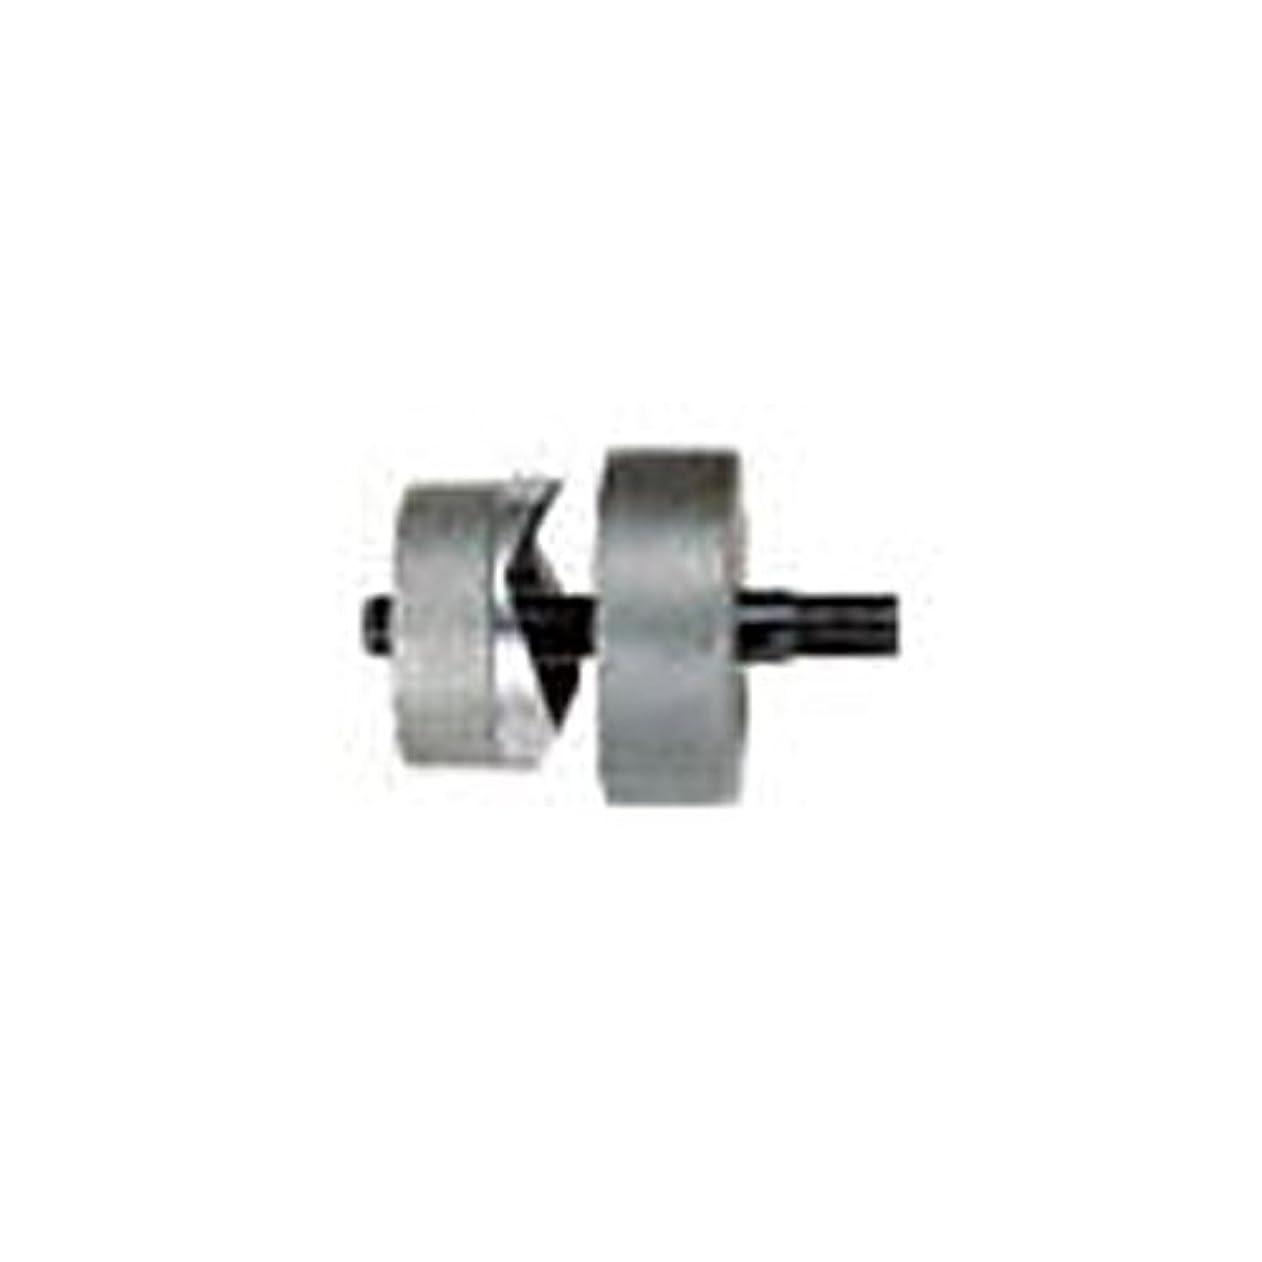 艶分析予知泉精器製作所 丸パンチ 薄鋼電線管用 A-25 (A25) 【ボルトは別売】